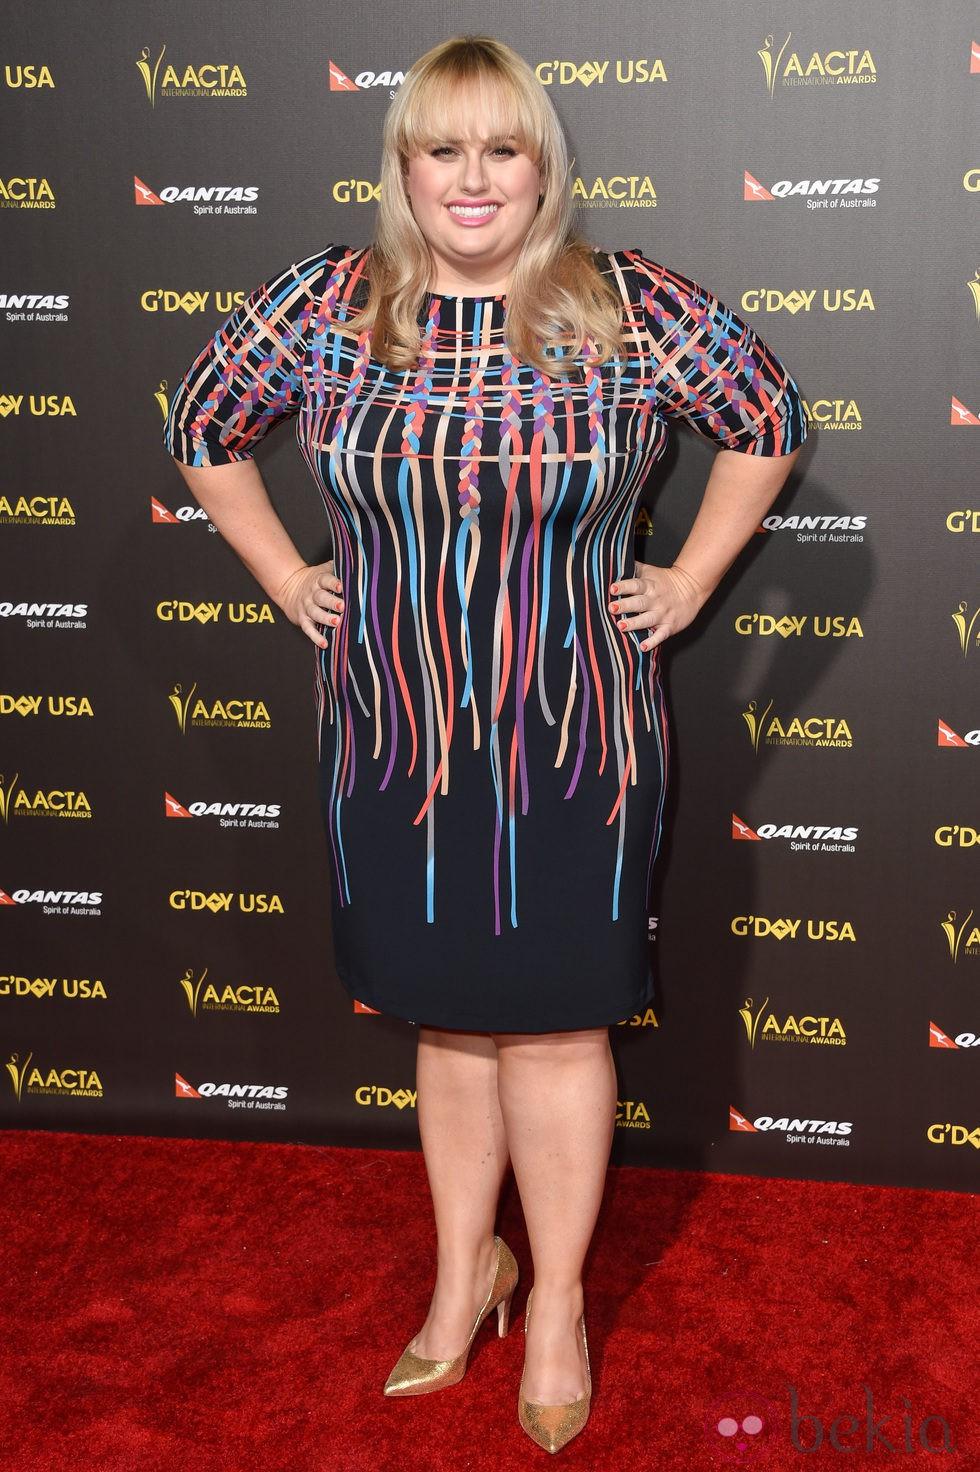 Rebel Wilson en la alfombra roja de la gala G'Day USA 2015